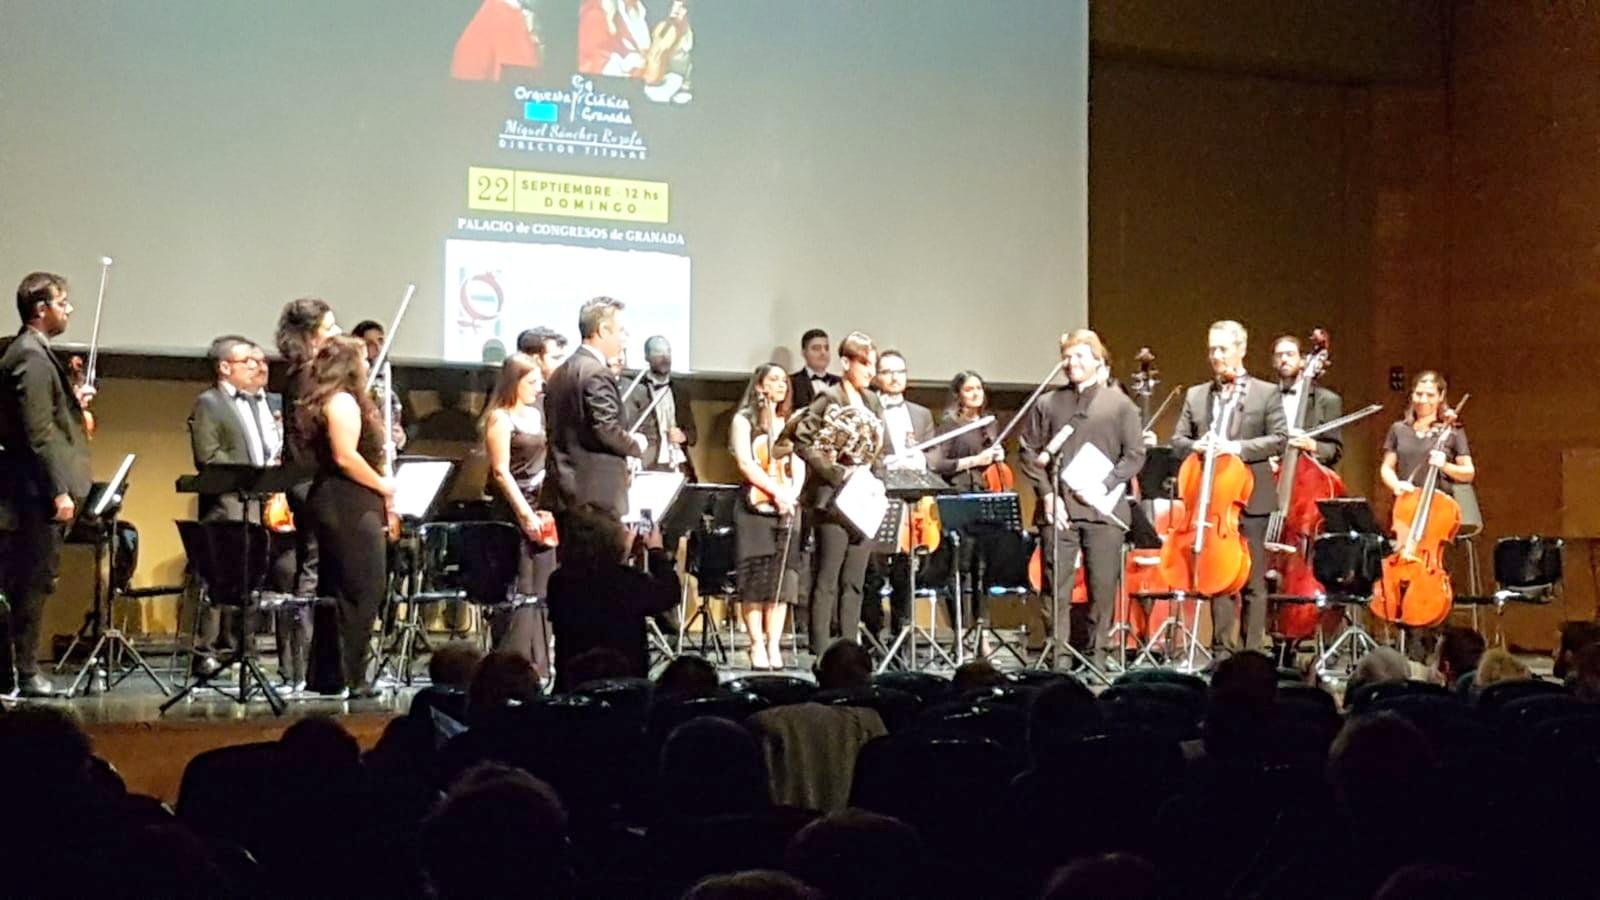 Photo of B. Daniel Martínez dirige a la Orquesta Clásica de Granada en el concierto de Mozart